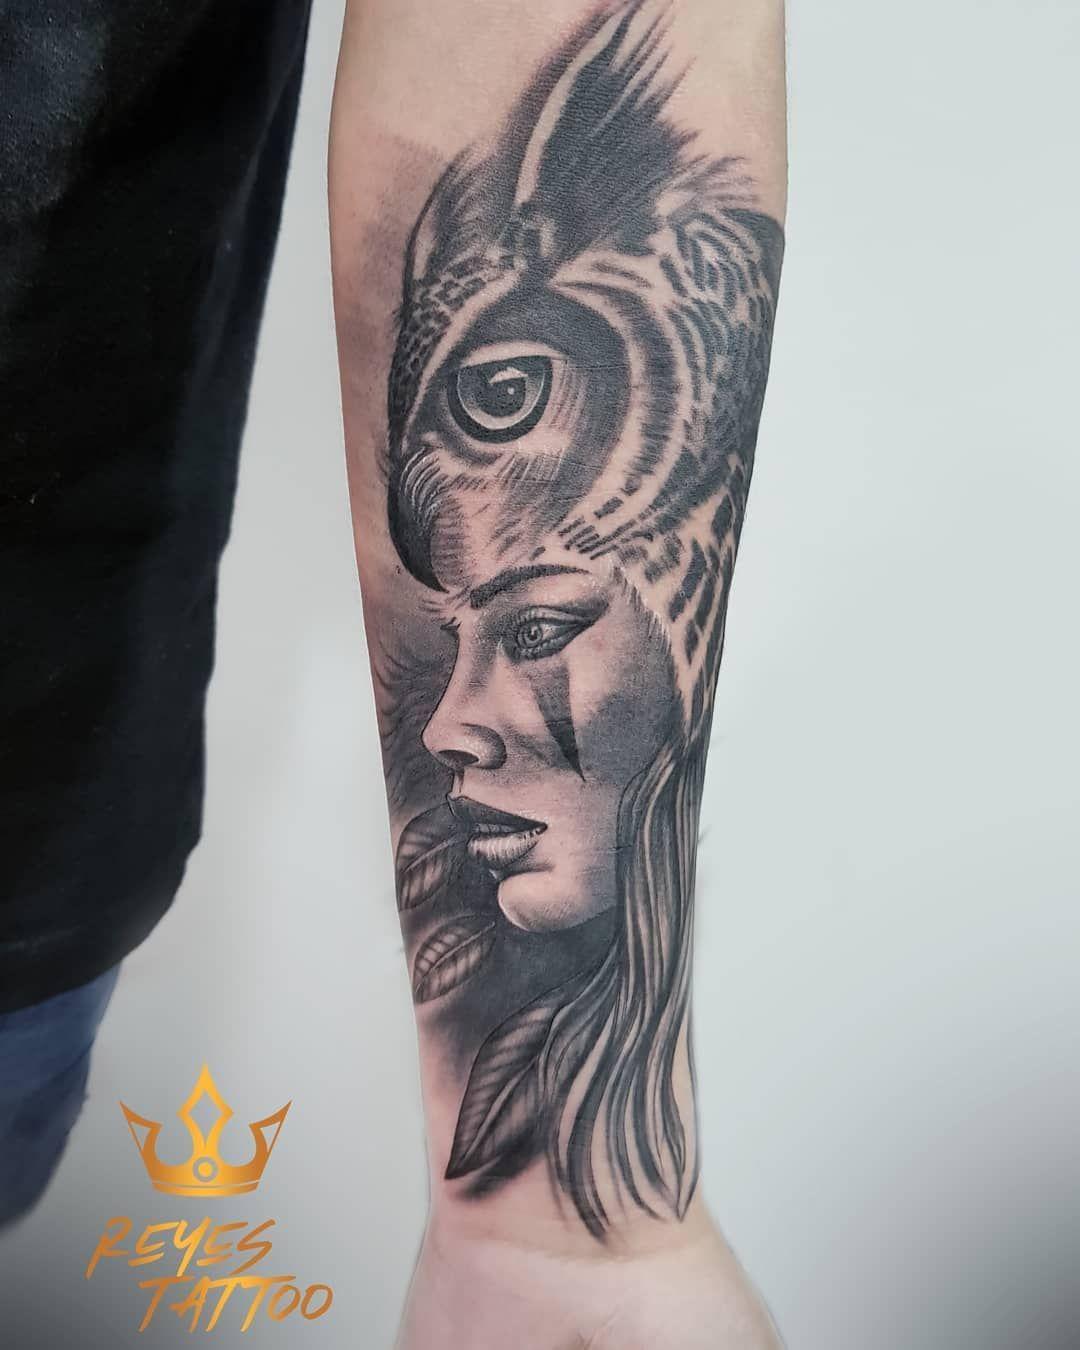 GIRL TATTOO  Trabajo realizado por nuestro artista @jerrydiazart, recuerda que estamos agendando JUNIO... Cotizaciones y citas al DM o WhatsApp 988185736 . . . . . #tatuajes #tattoo #girl #girltattoo #tattoogirl #cajamarcagirls #cajamarca #cajamarcatattoo #tattoos #tattoocajamarca #jerrydiazart #reyesstattoo #realistictattoo #perutattoo #peru